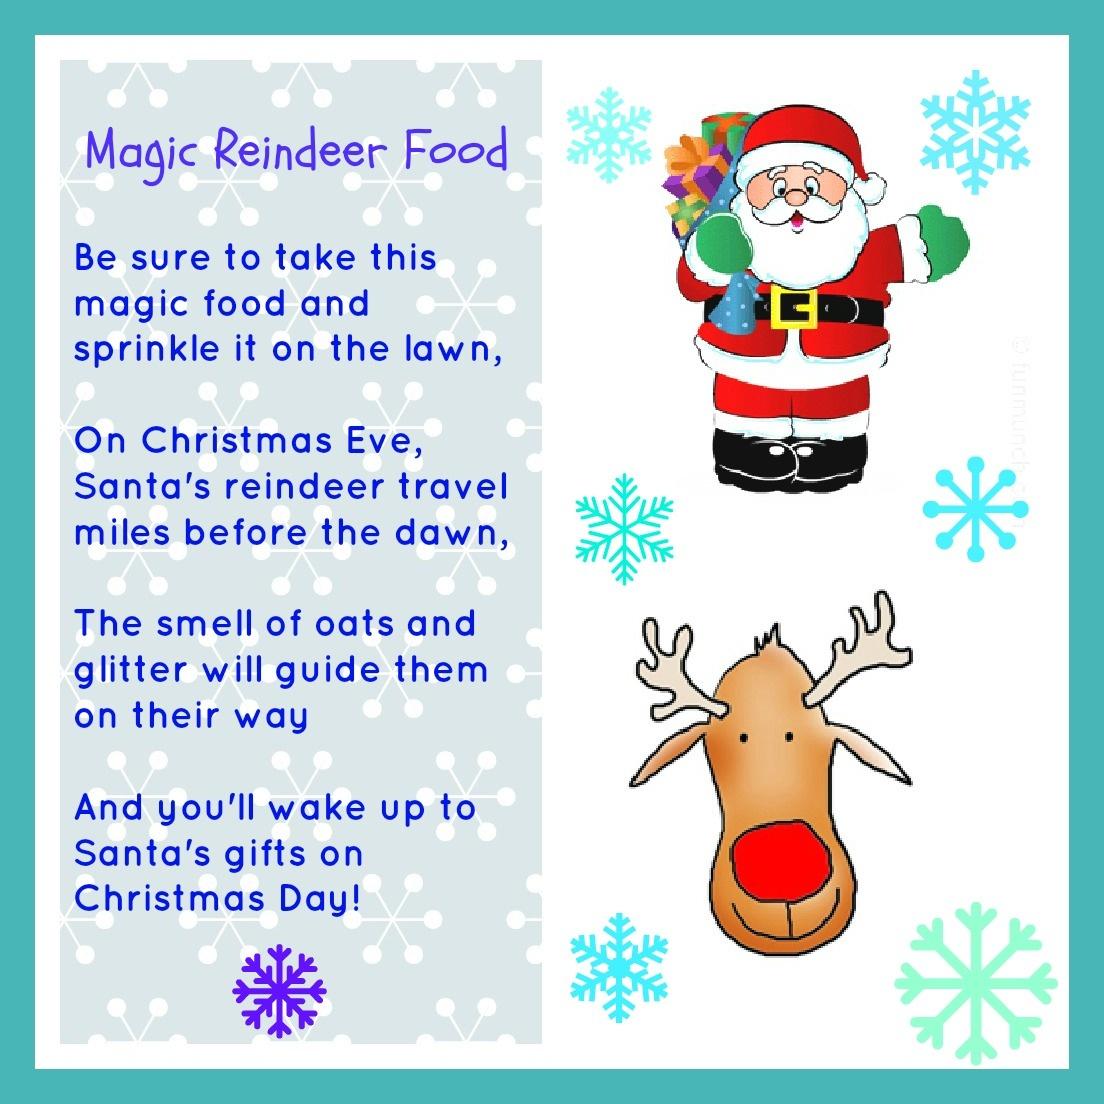 Magic Reindeer Food Free Printable - Momhomeguide - Reindeer Food Poem Free Printable